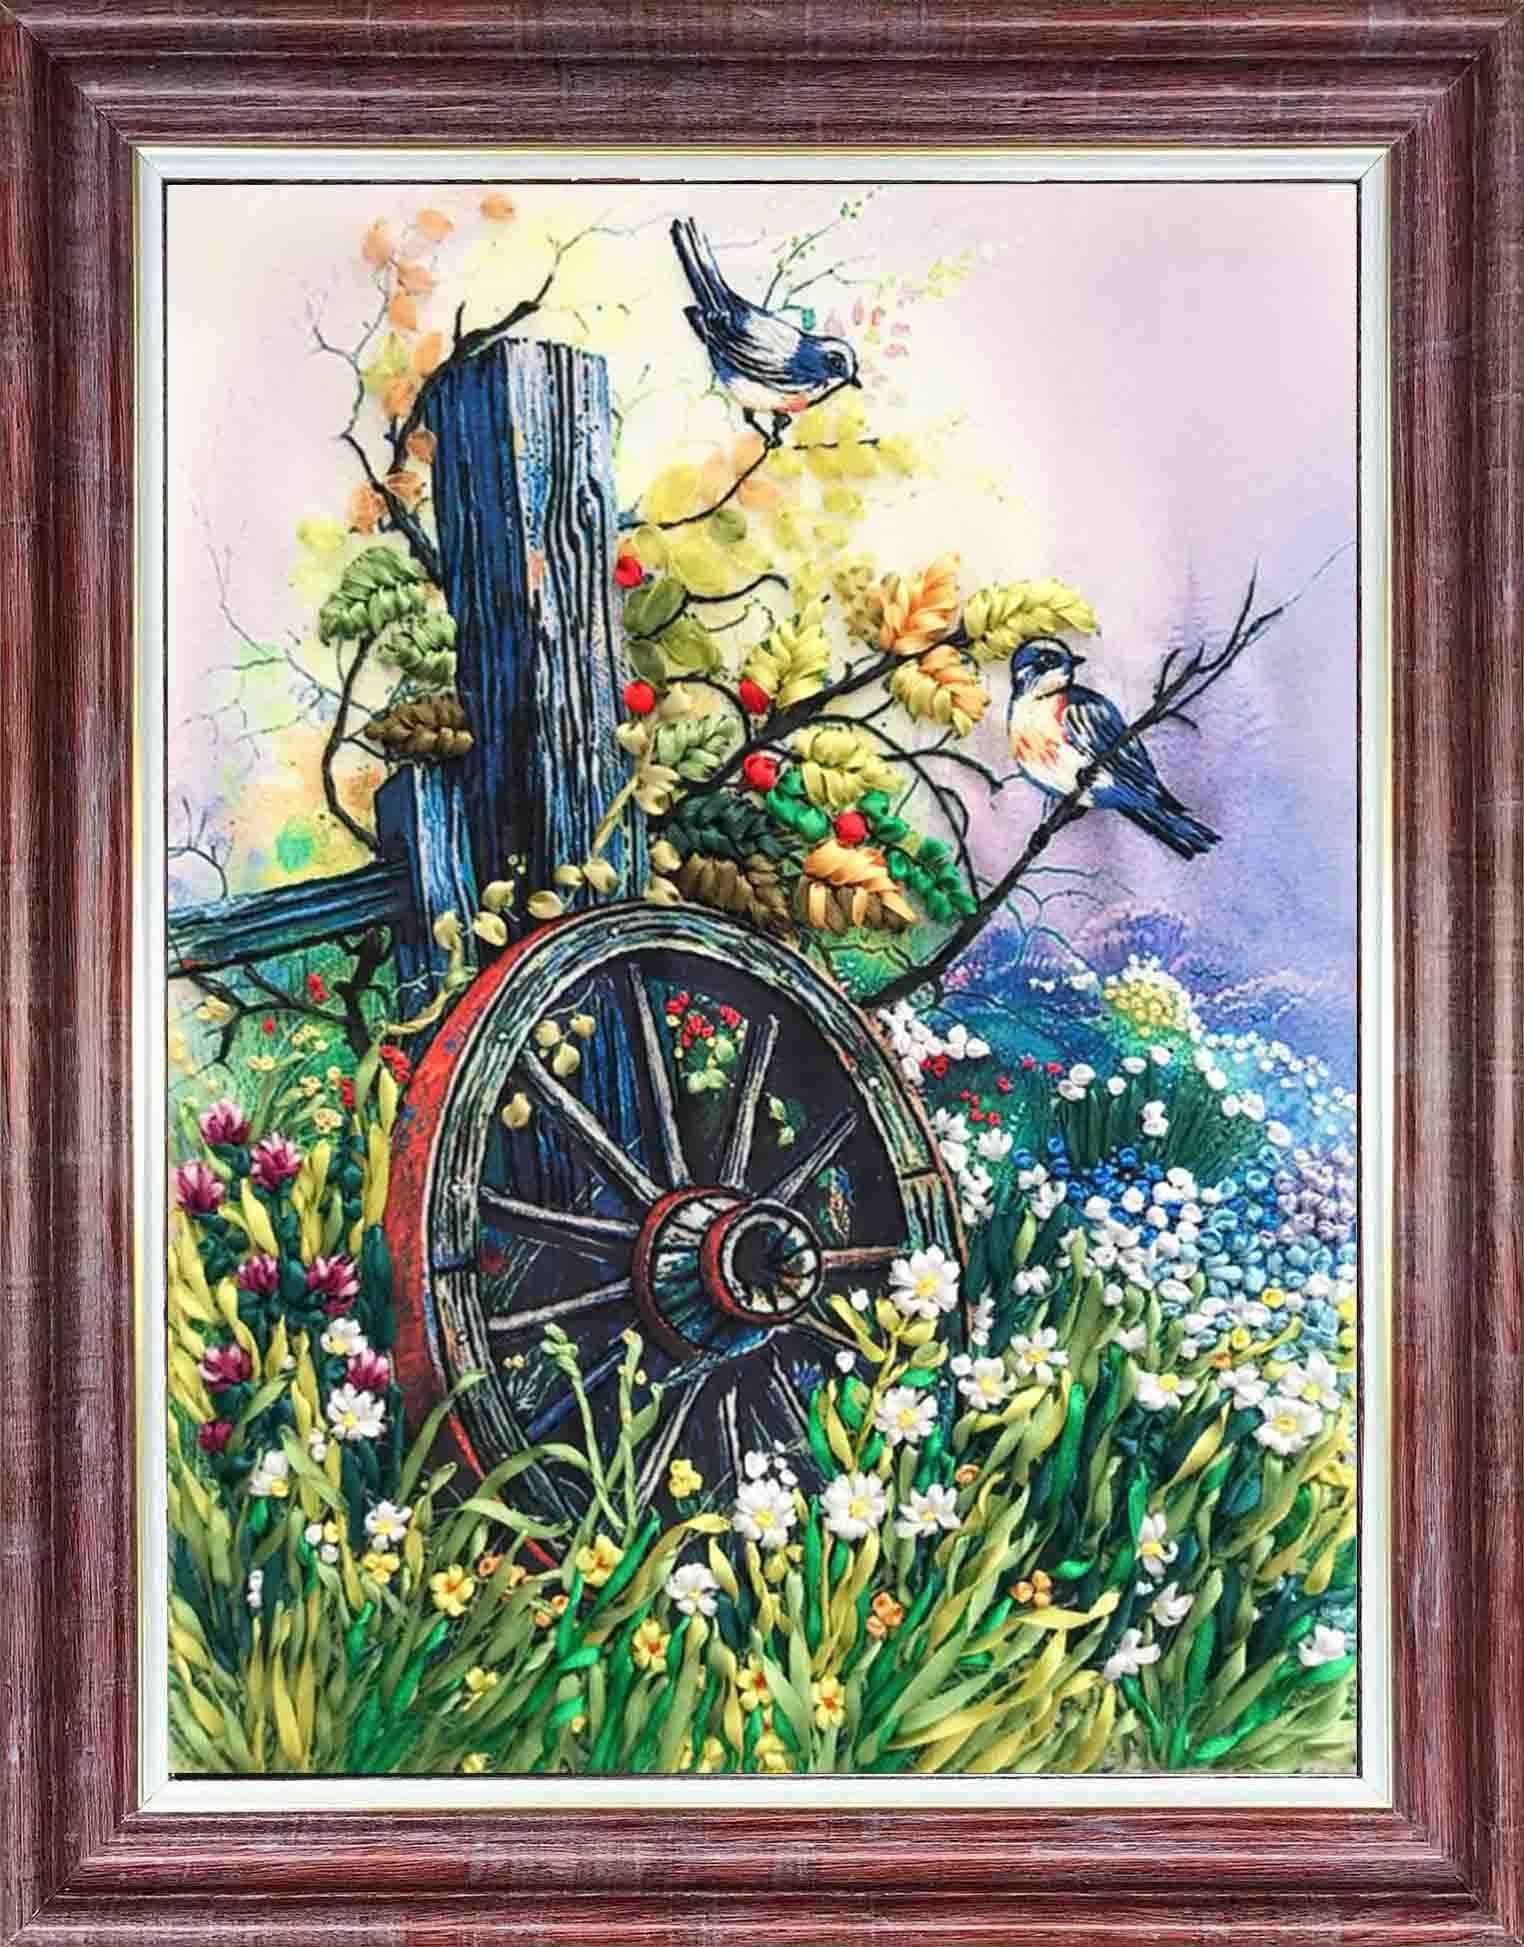 КЛ(н) 3021 Старое колесо - набор (Каролинка)